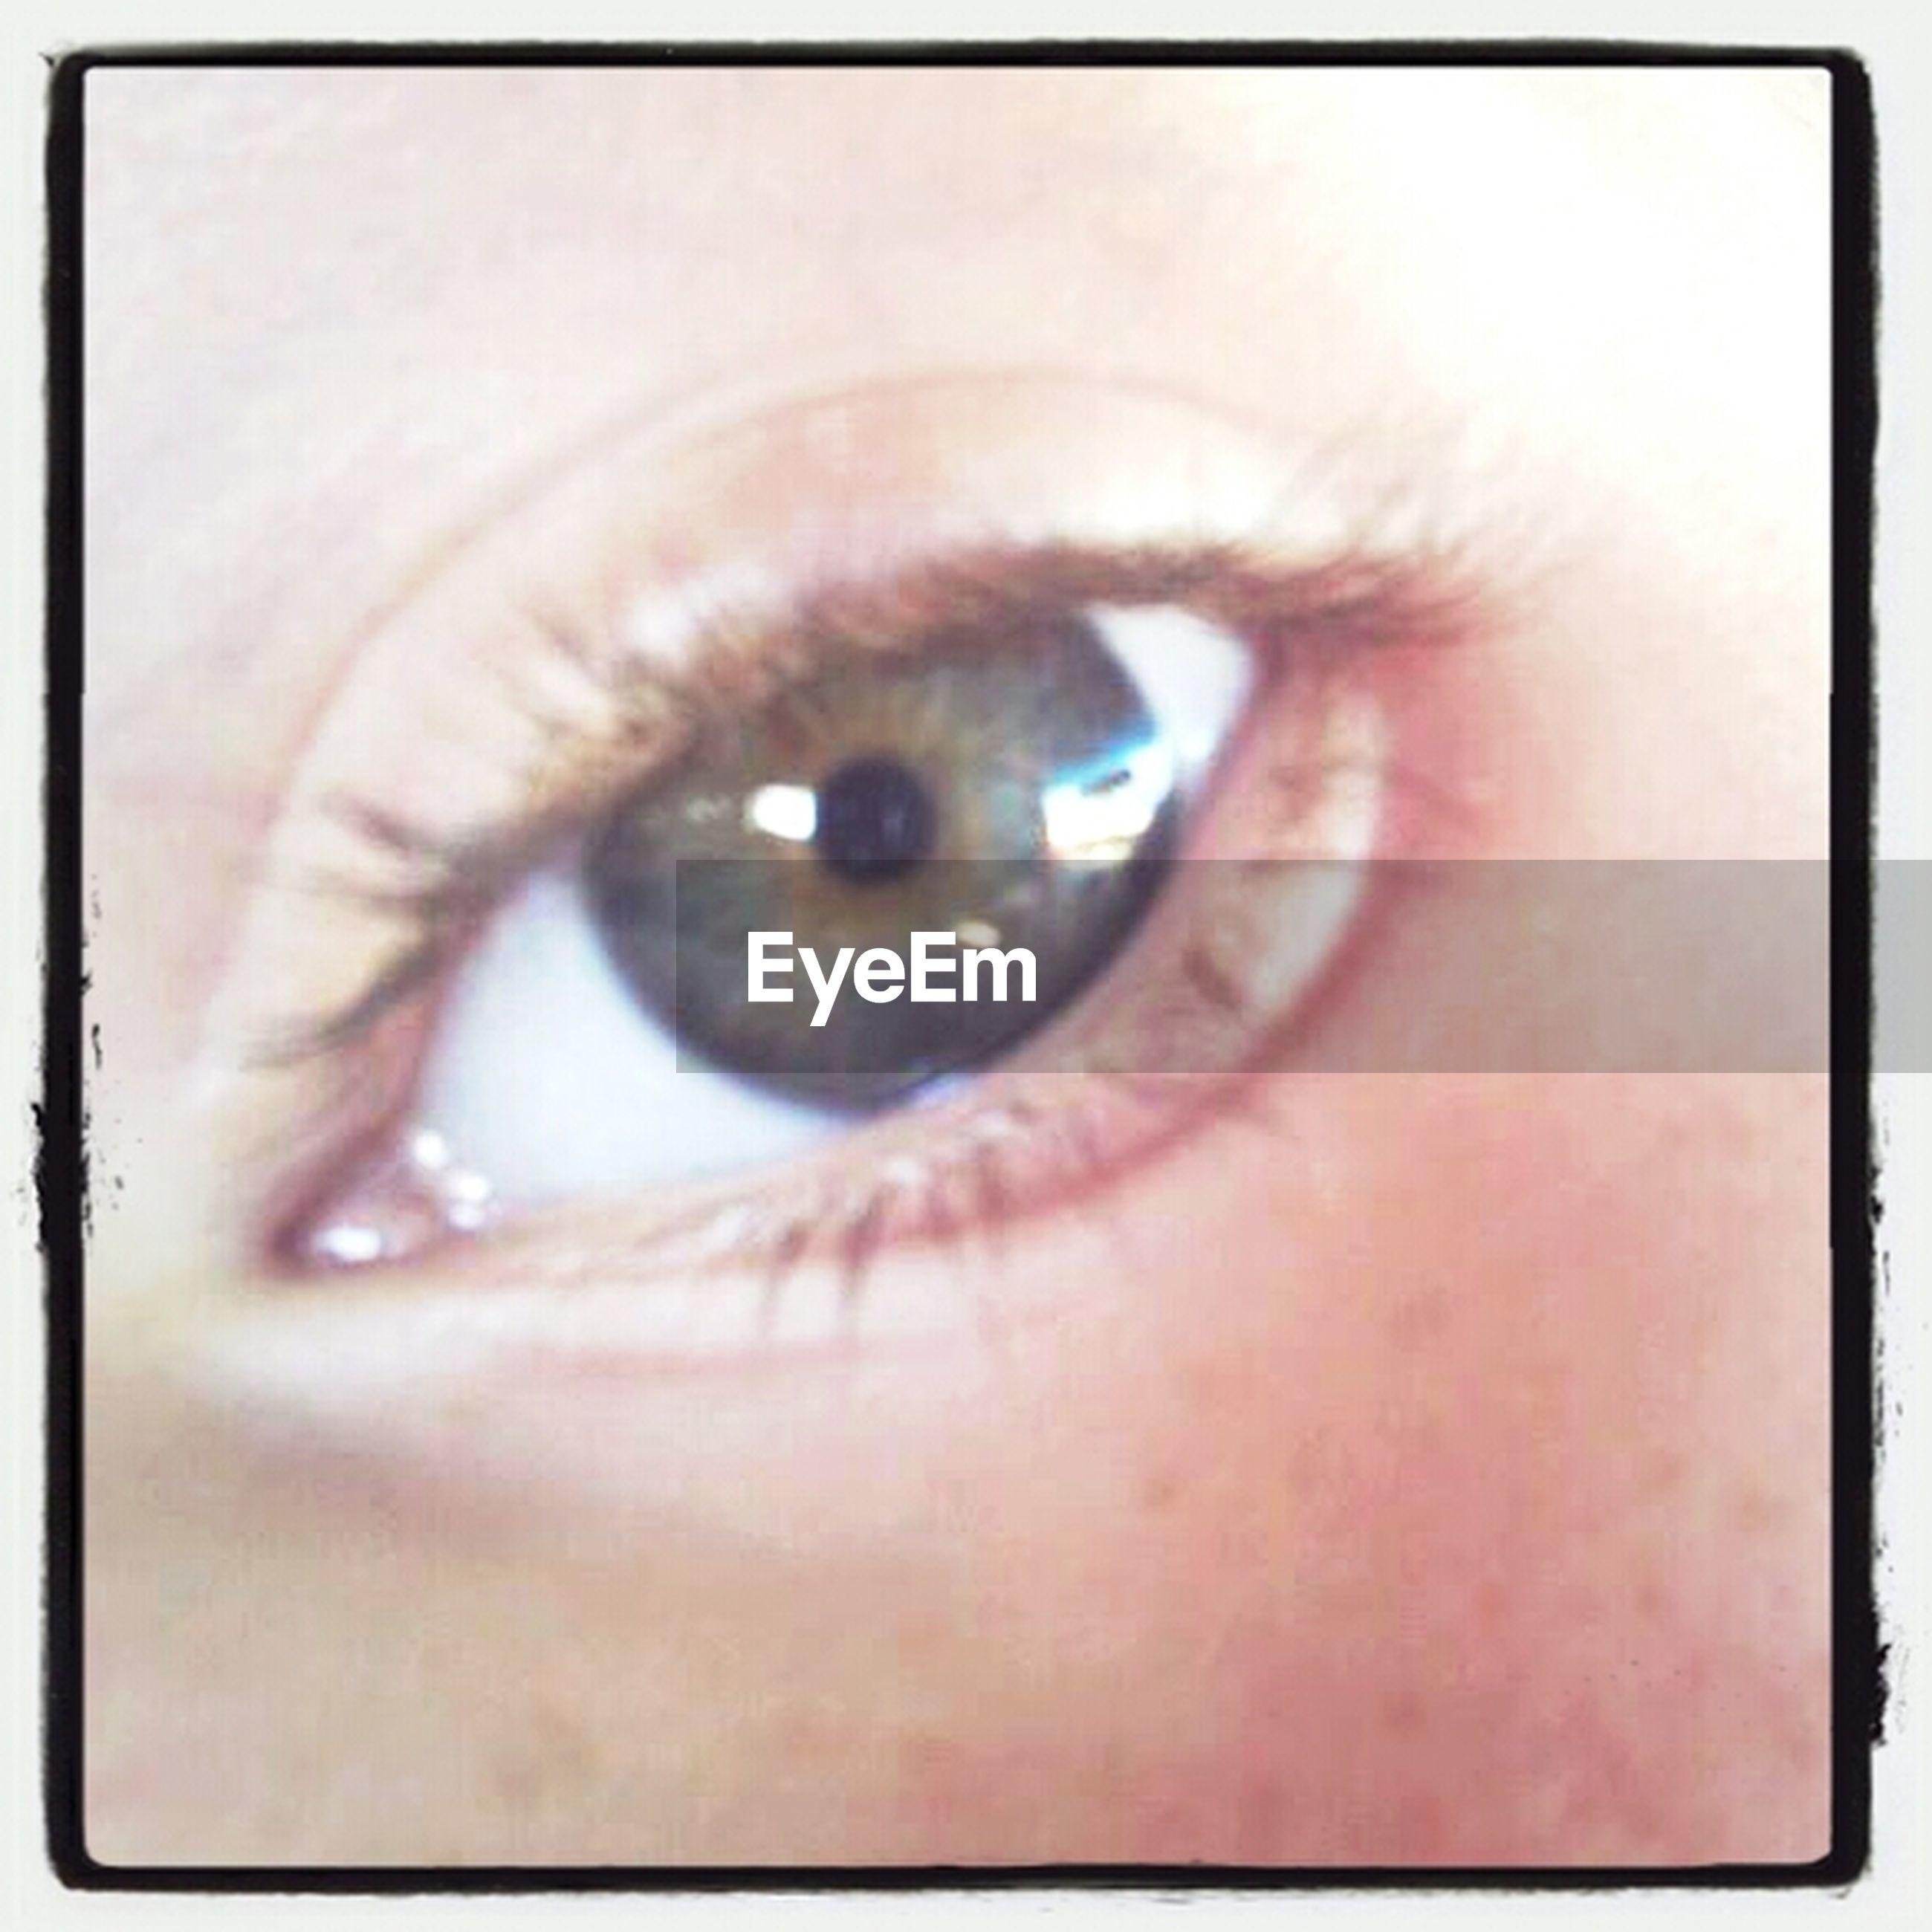 human eye, eyelash, close-up, eyesight, portrait, looking at camera, sensory perception, part of, human skin, human face, extreme close-up, eyeball, iris - eye, eyebrow, extreme close up, indoors, headshot